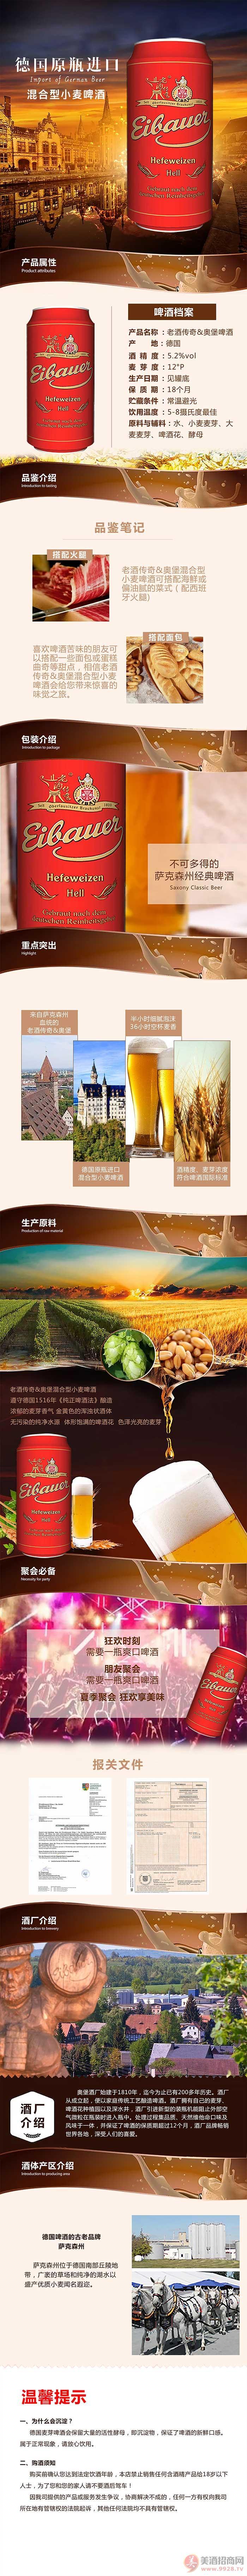 北京老酒�髌骐�子商�沼邢薰�司